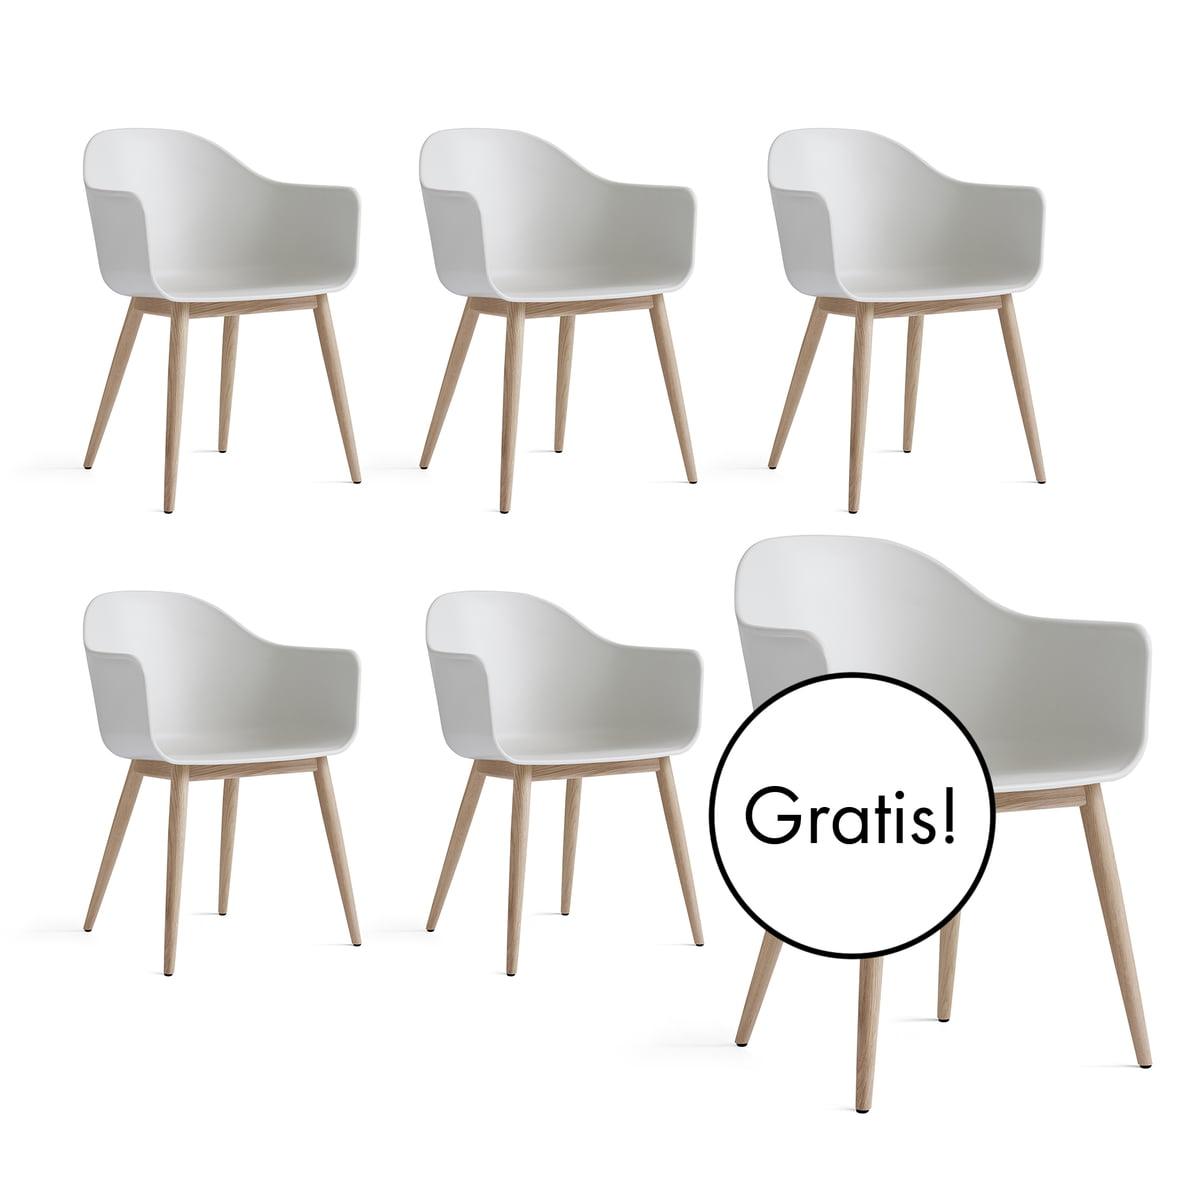 Harbour Chair (Holz) von Menu | Connox